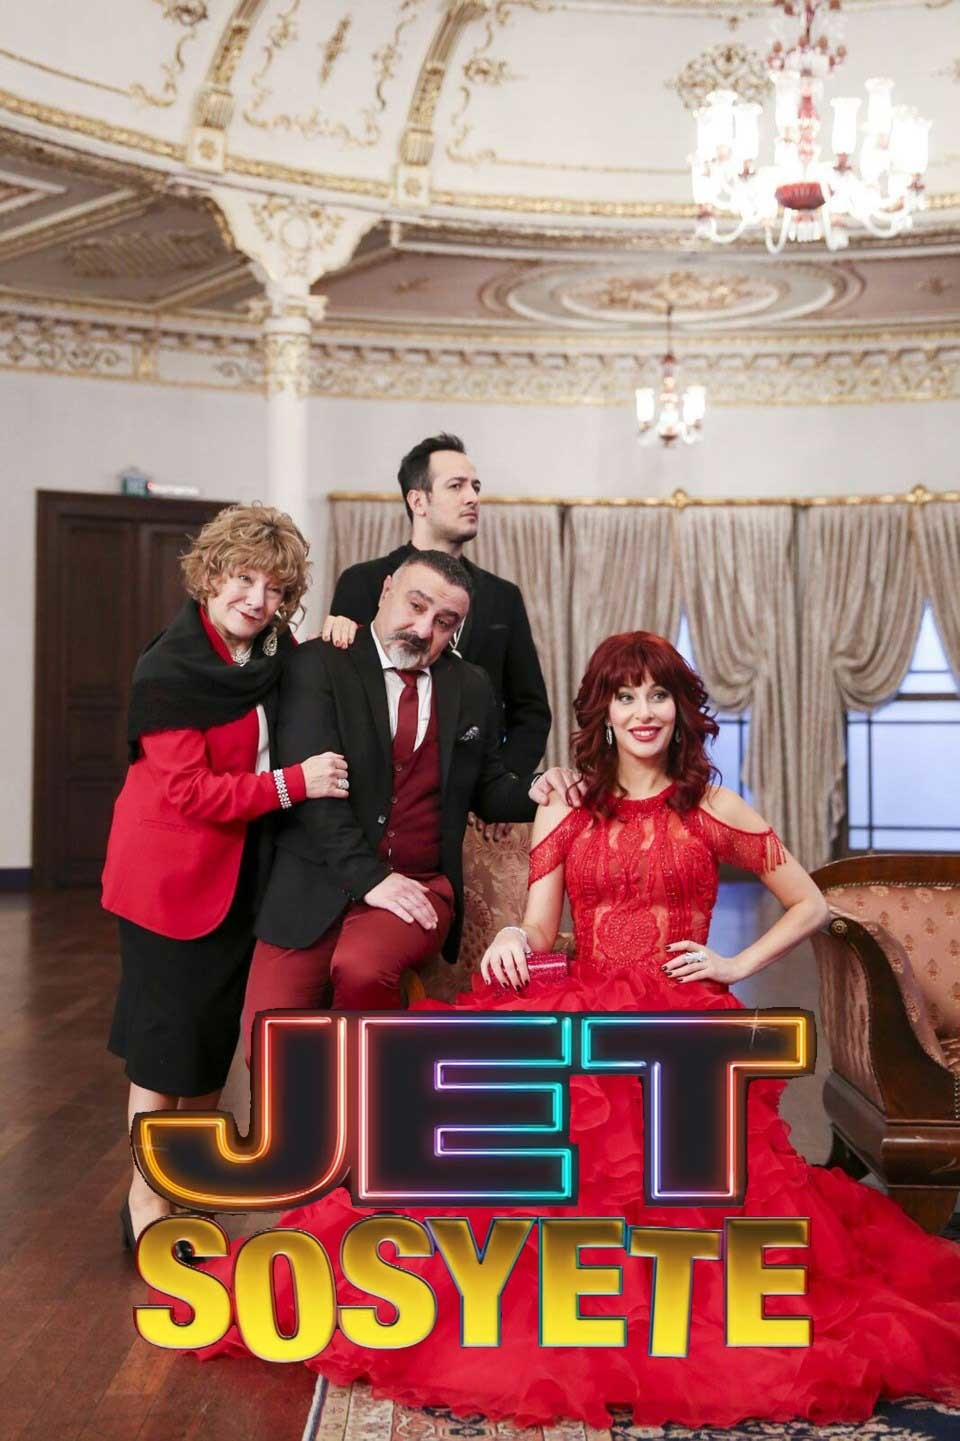 Jet Sosyete 2. Bölüm indir (25 Şubat 2018) Yerli Dizi 720p Tek Link